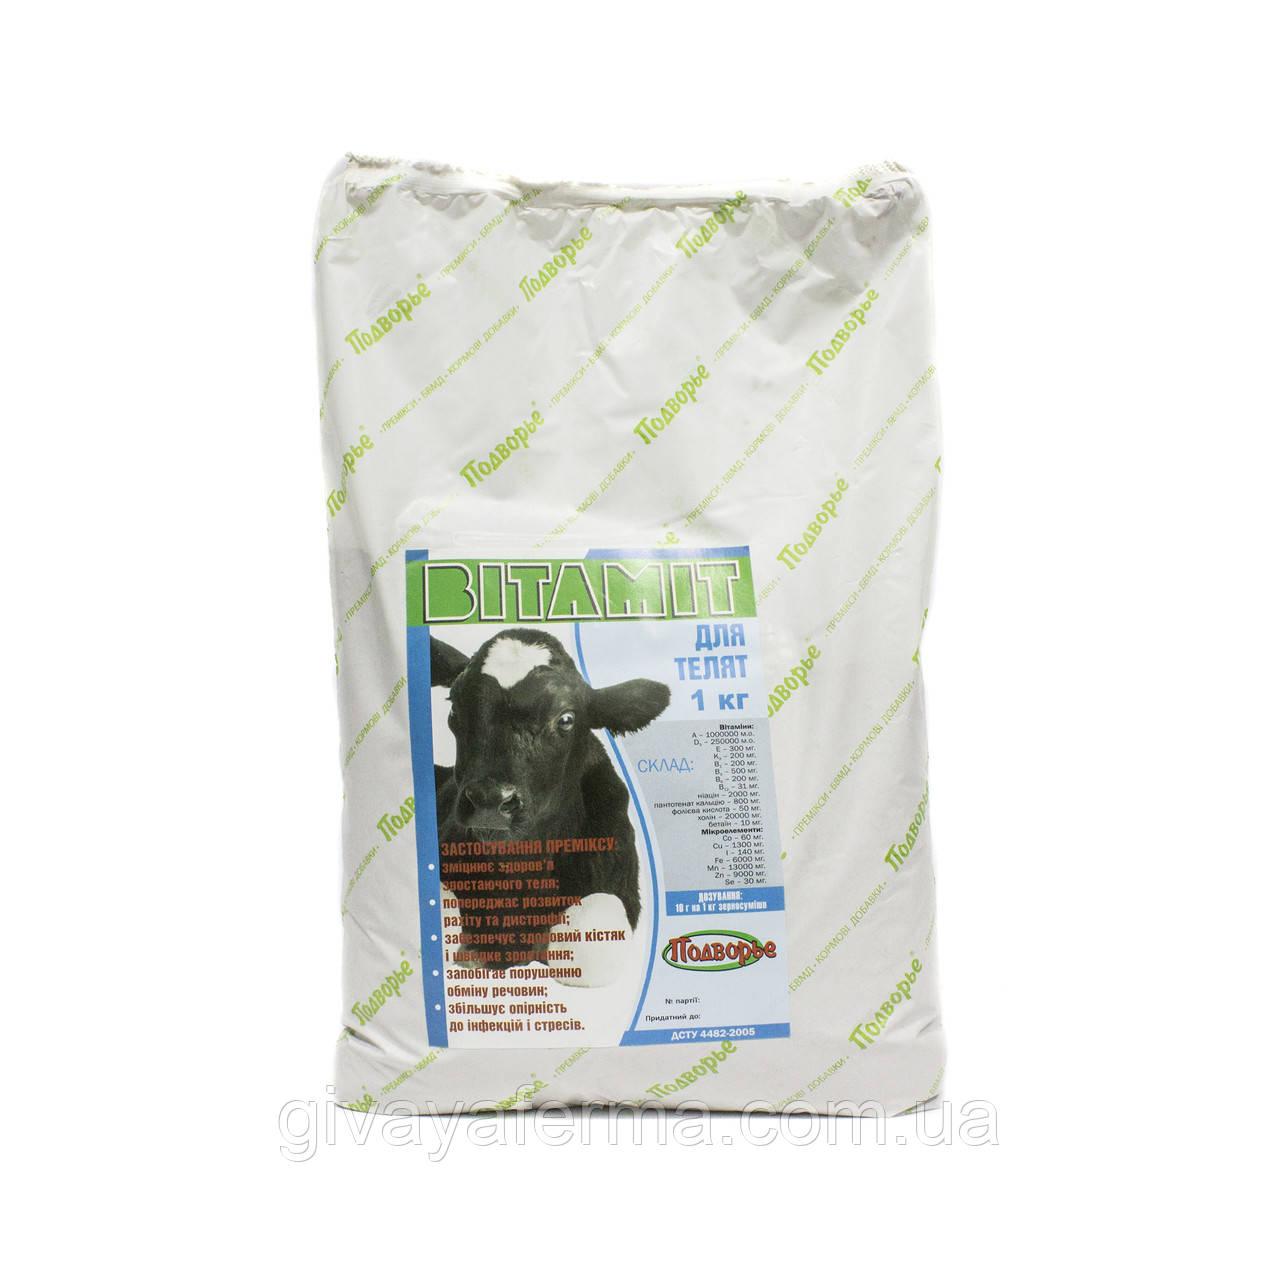 Премикс Витамит - теленок 1%, 1 кг, витамины минералы, добавка в корм